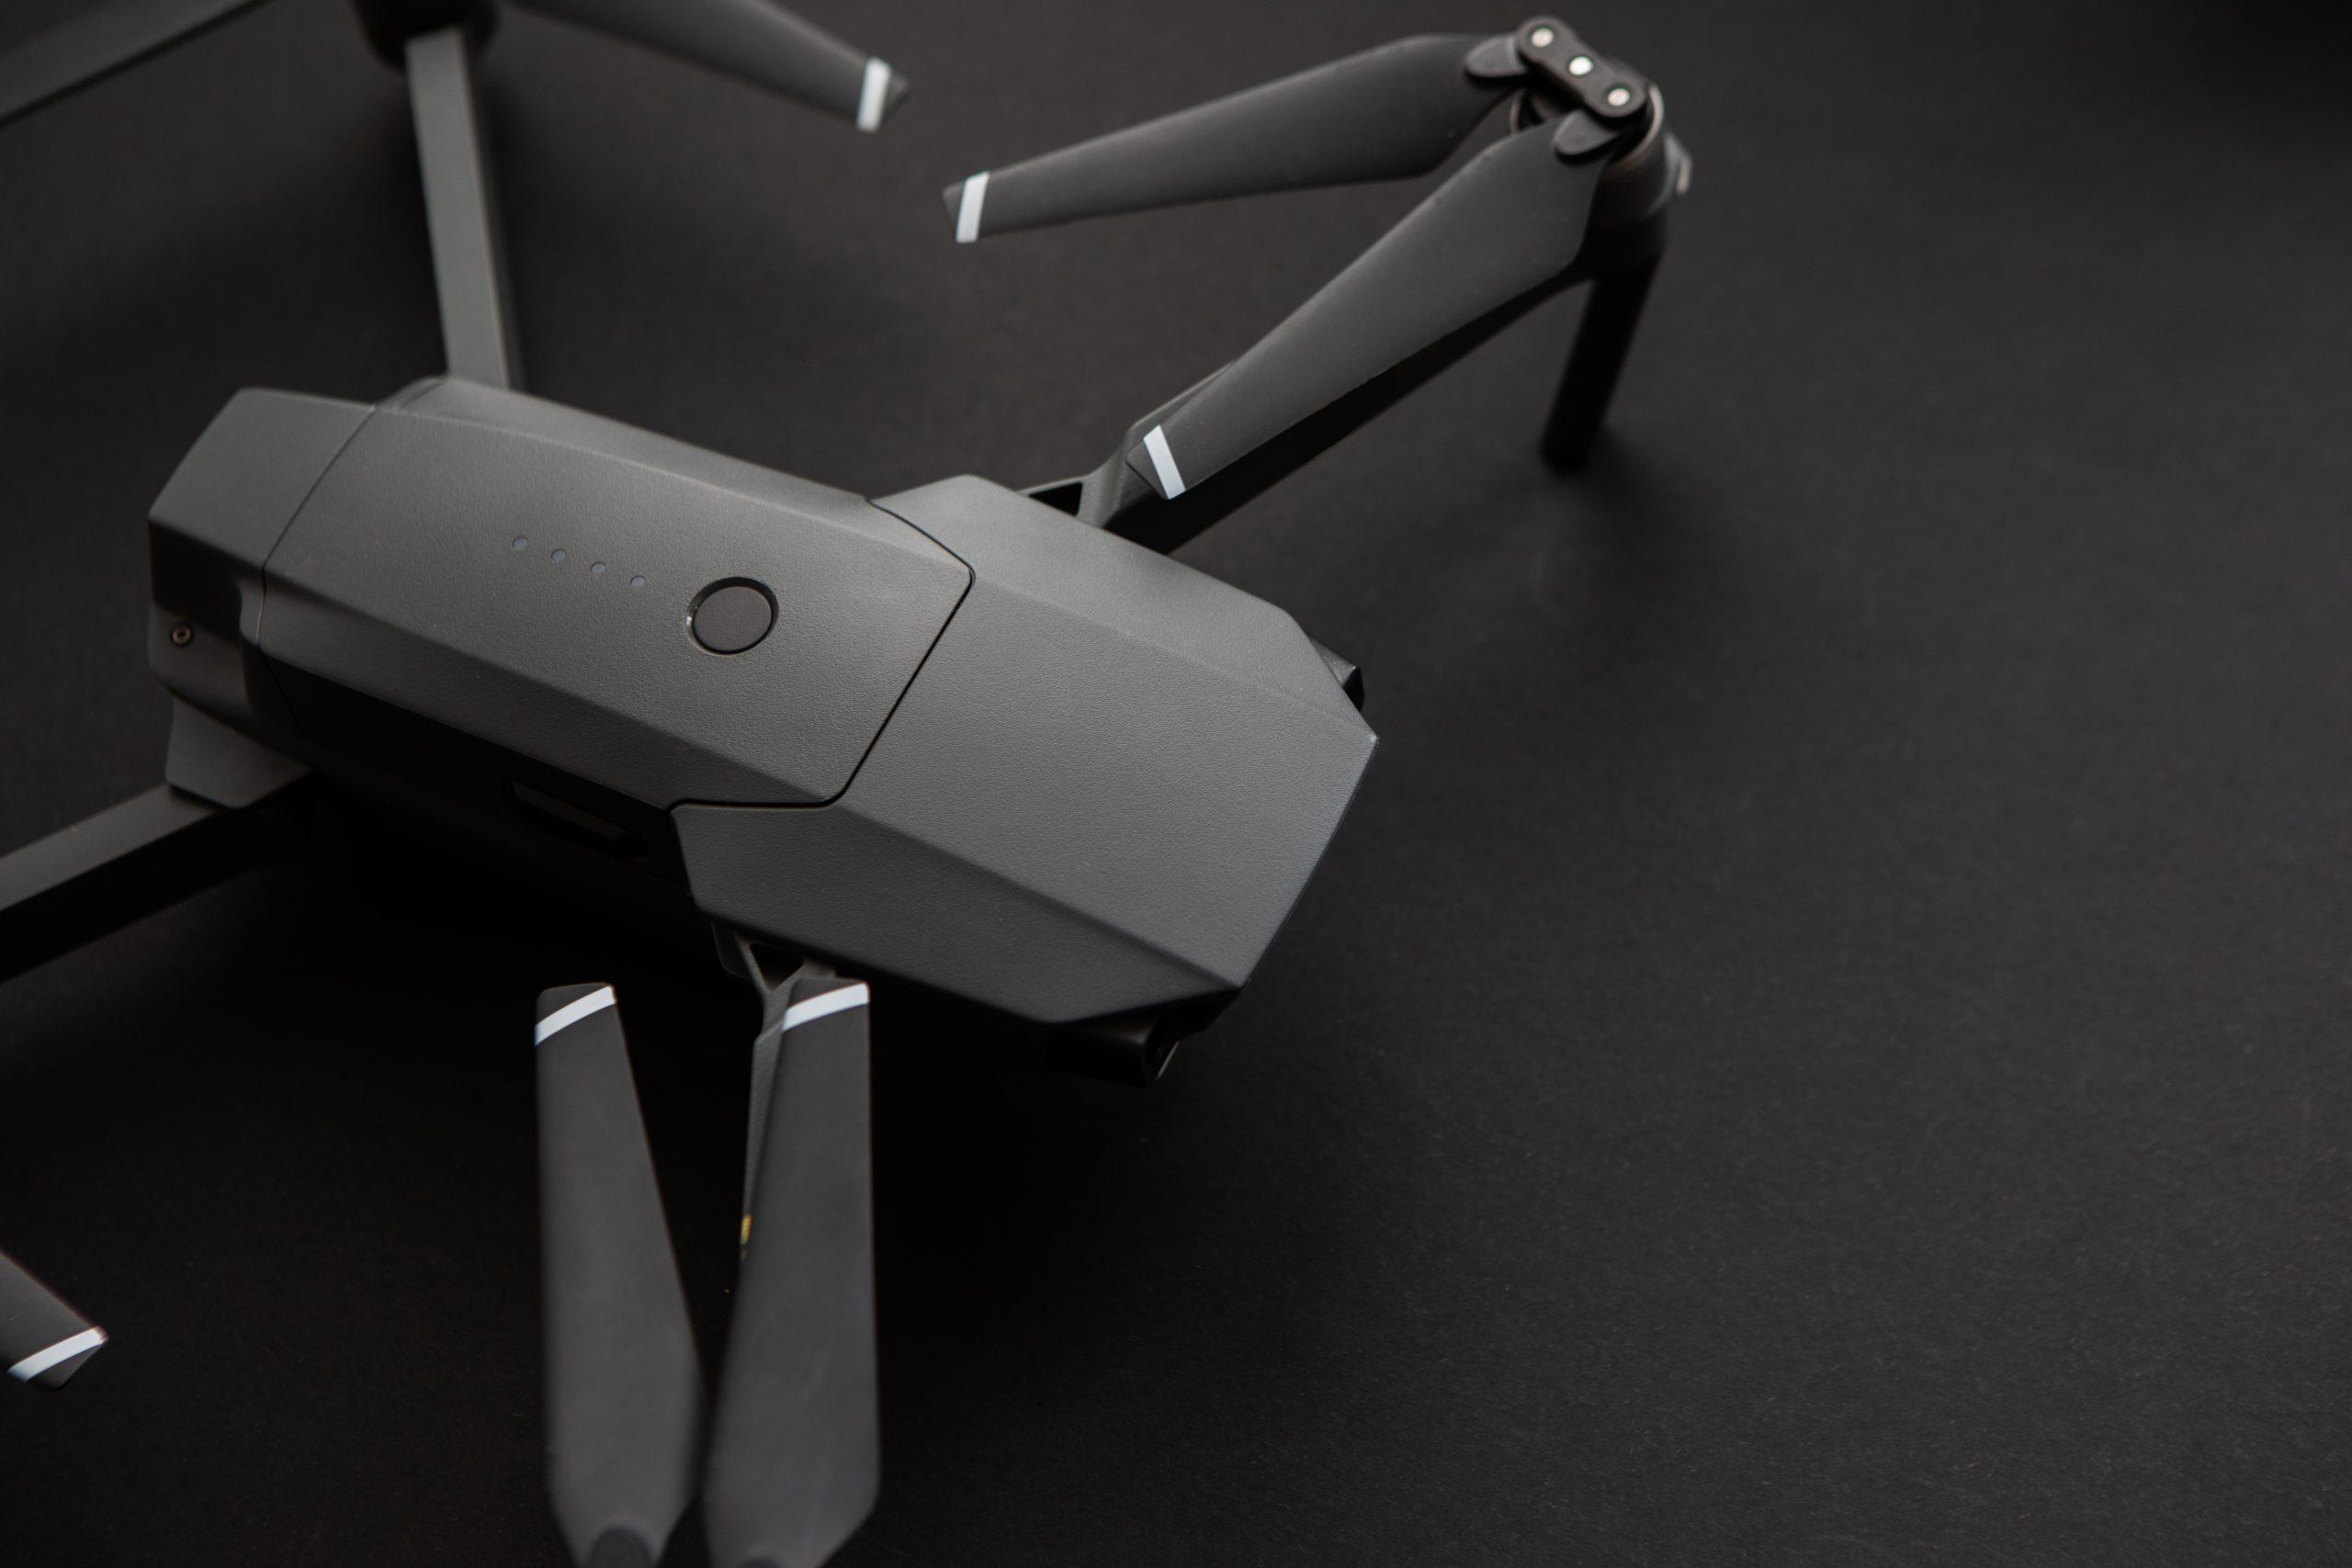 drone-copter-dark-background